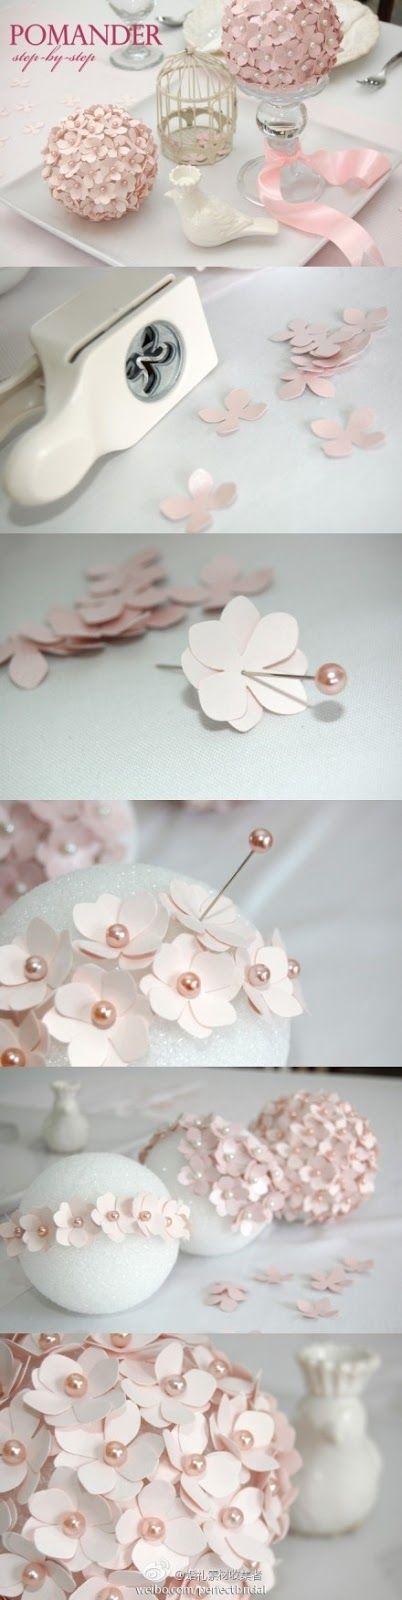 Bola decorada com florzinhas - * Decoração e Invenção *